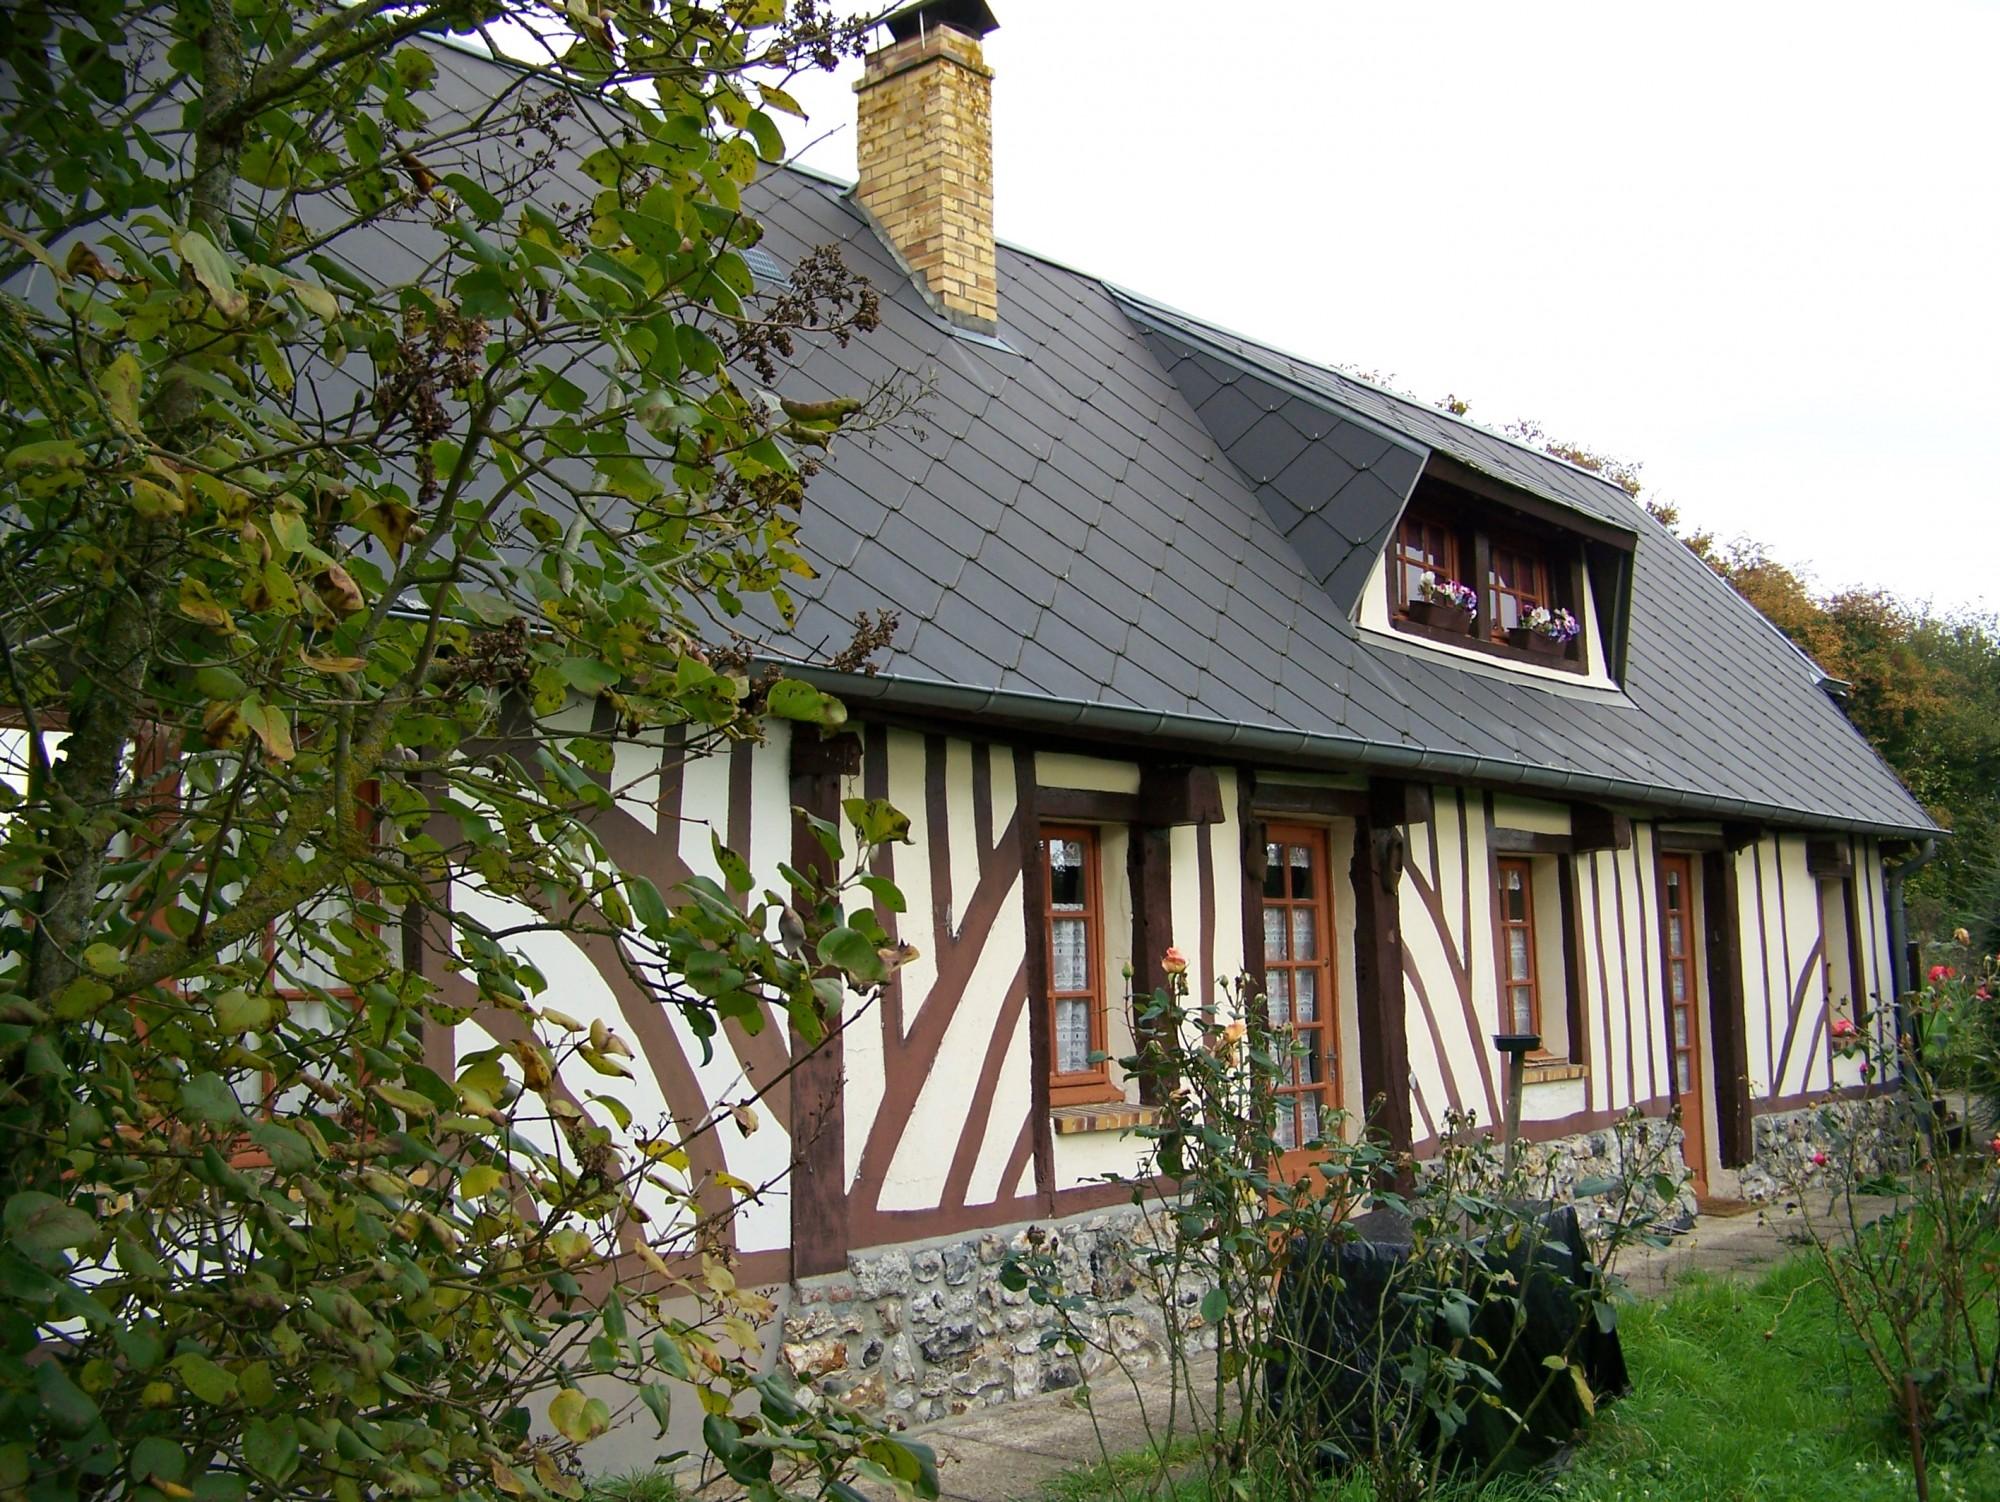 A vendre Maison à Colombages, 20 minutes de Deauville